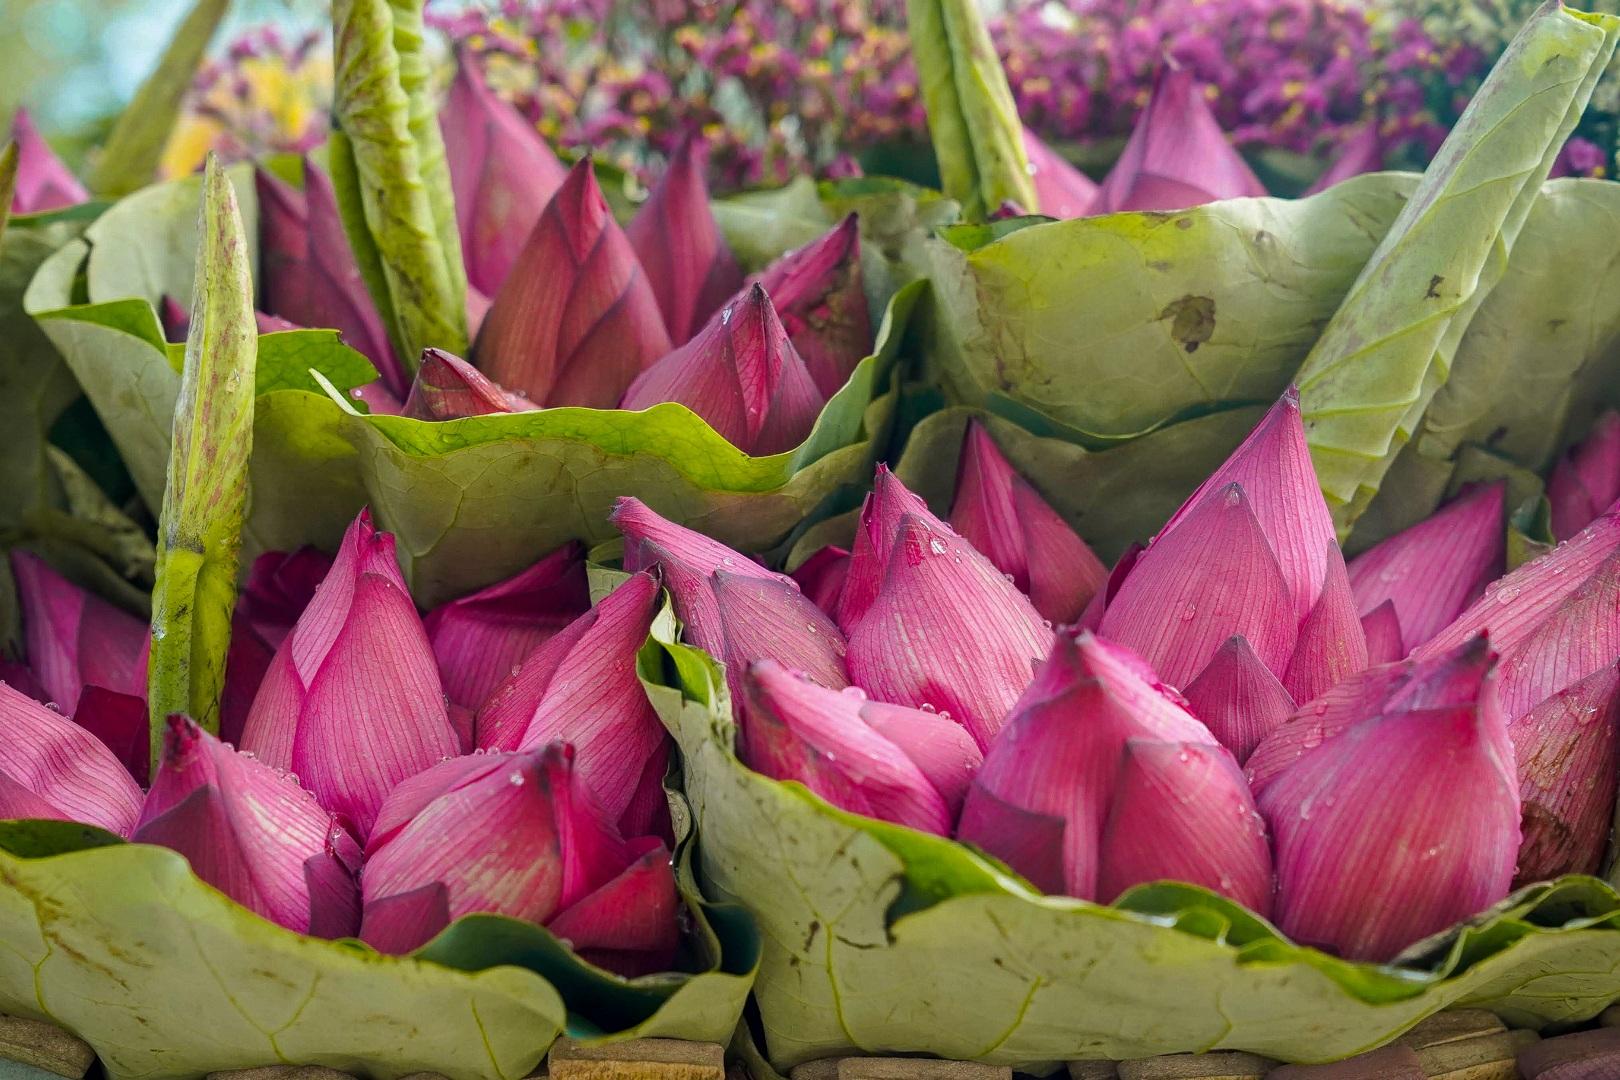 Nhẹ nhàng hương sắc hoa sen đầu mùa - 4